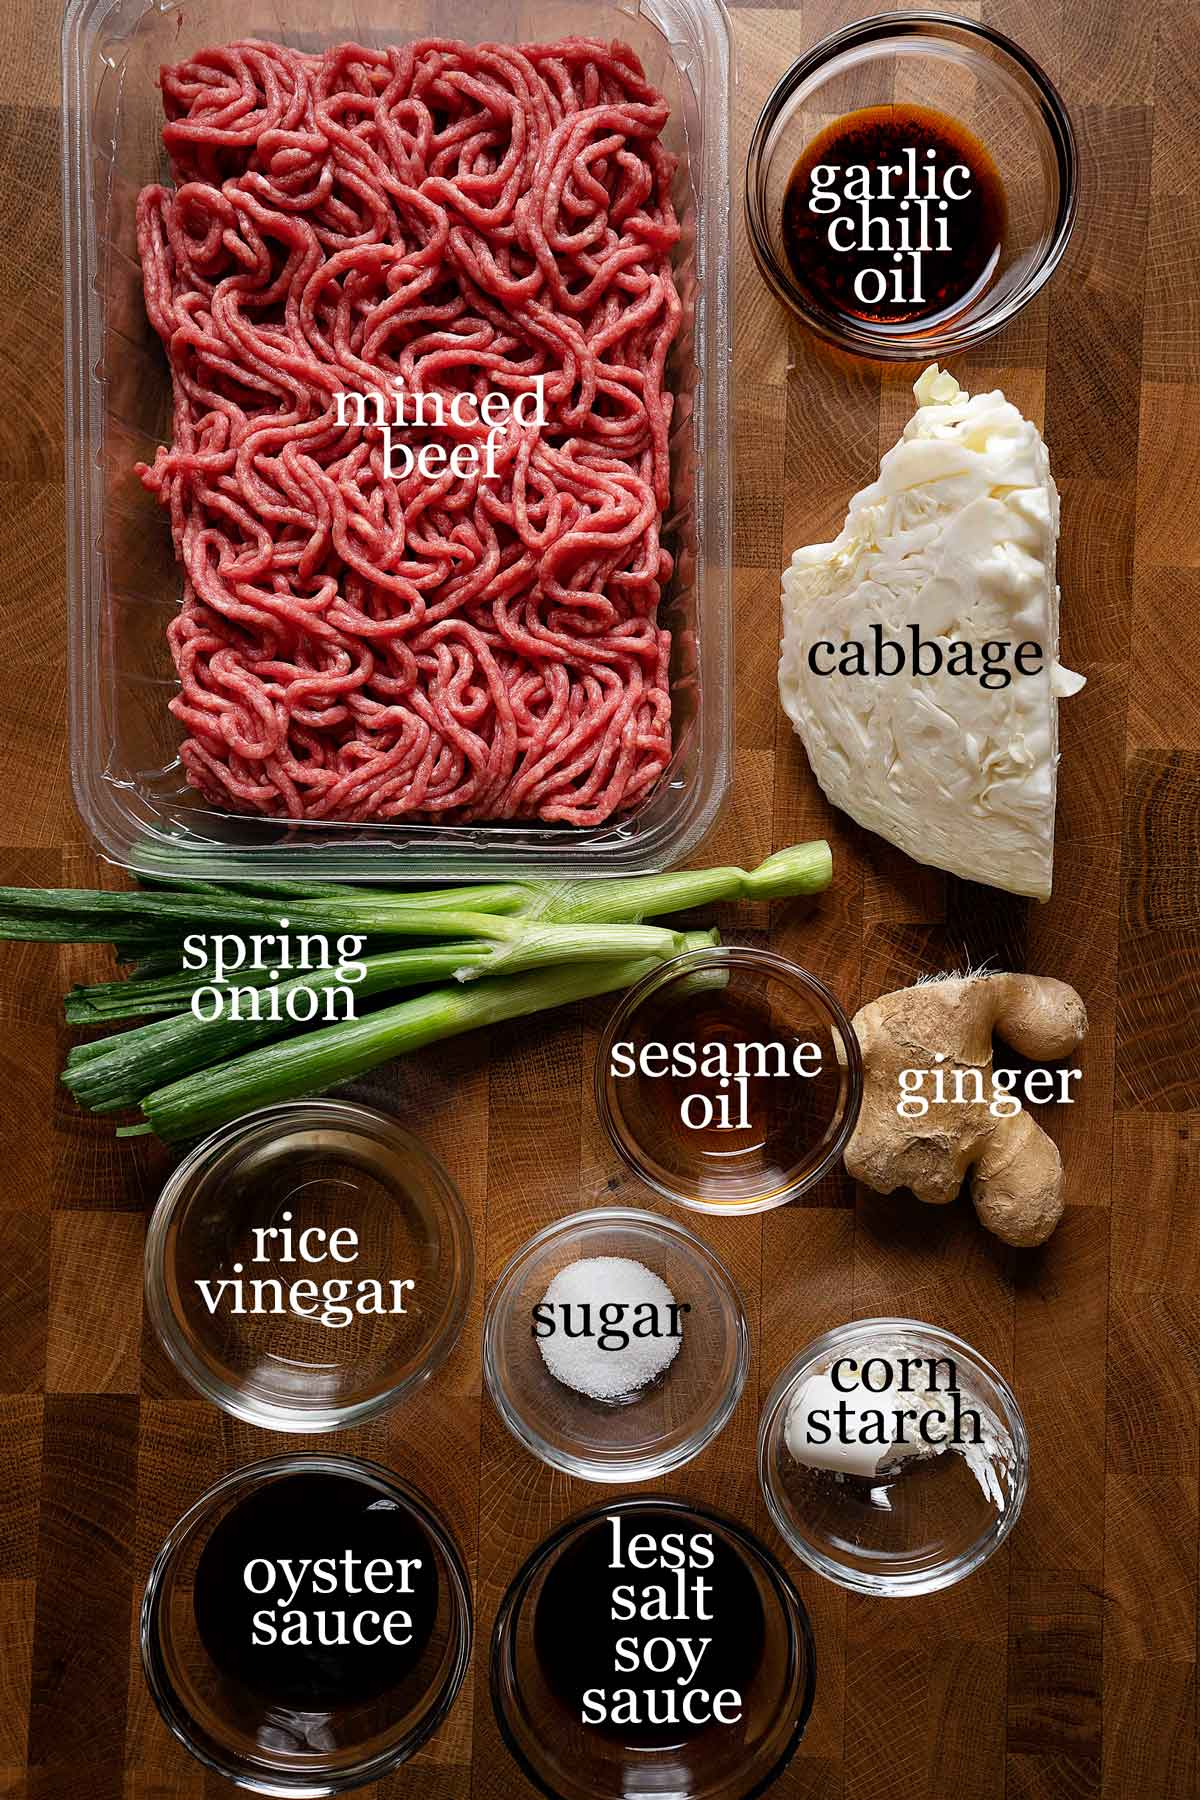 Ingredients to make wonton in garlic chili oil